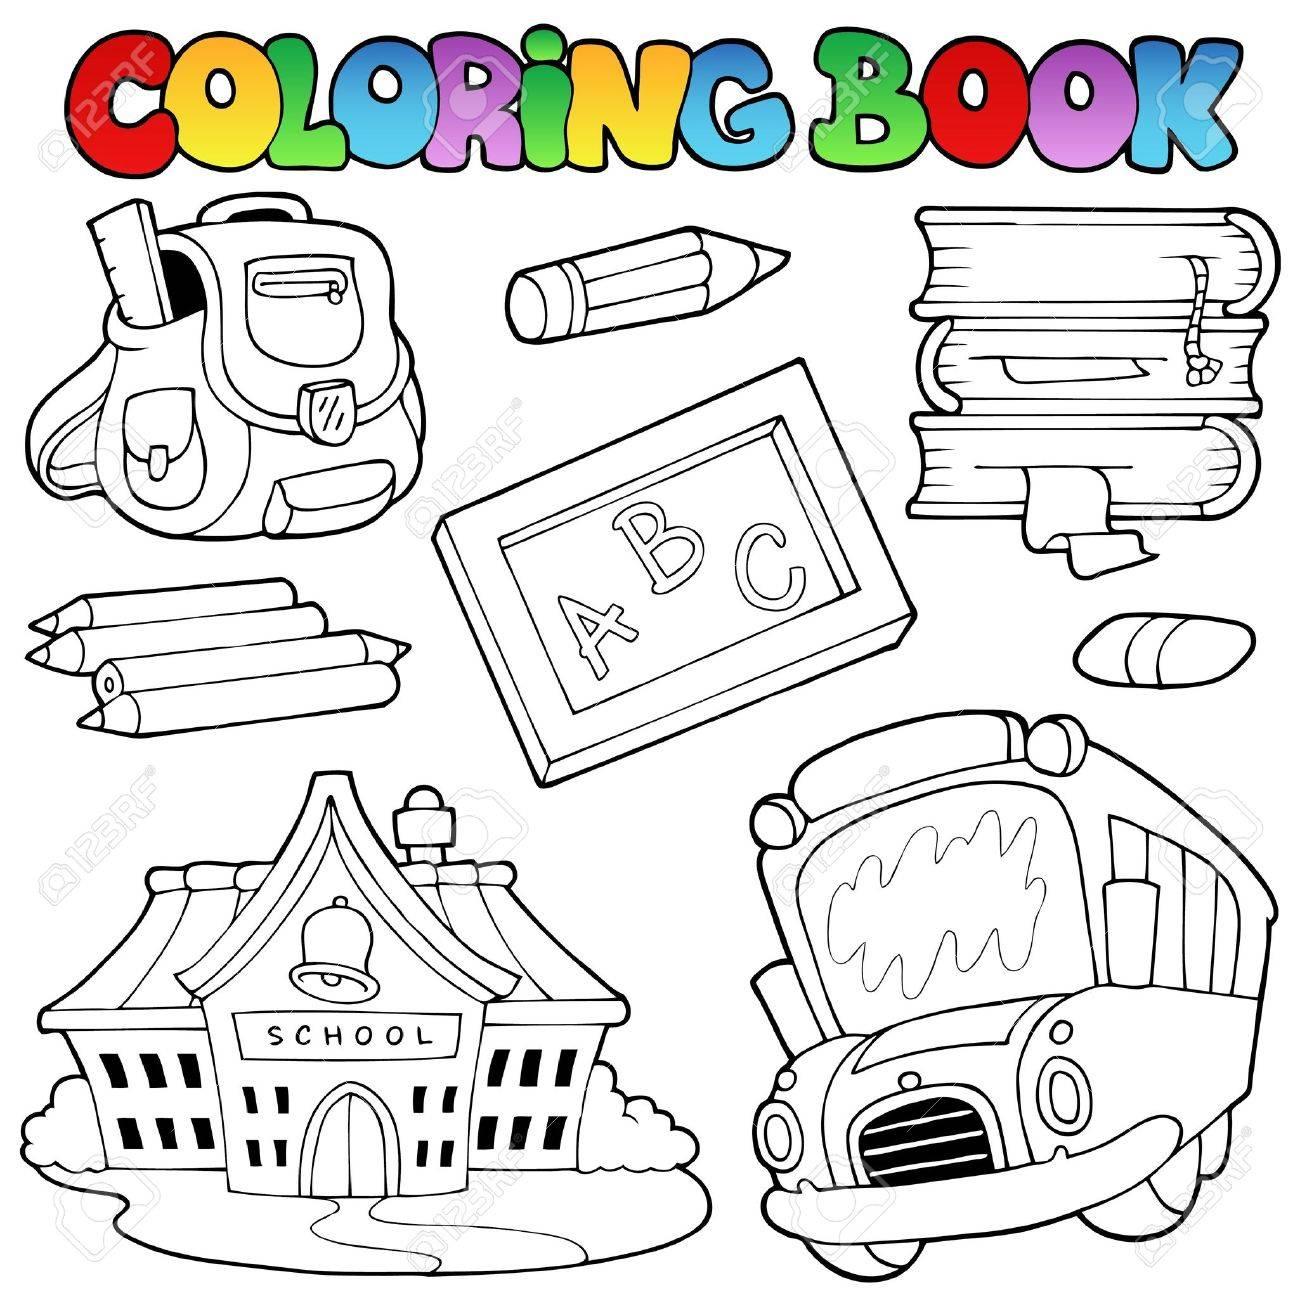 Utiles Escolares Para Colorear Imágenes De Archivo, Vectores ...